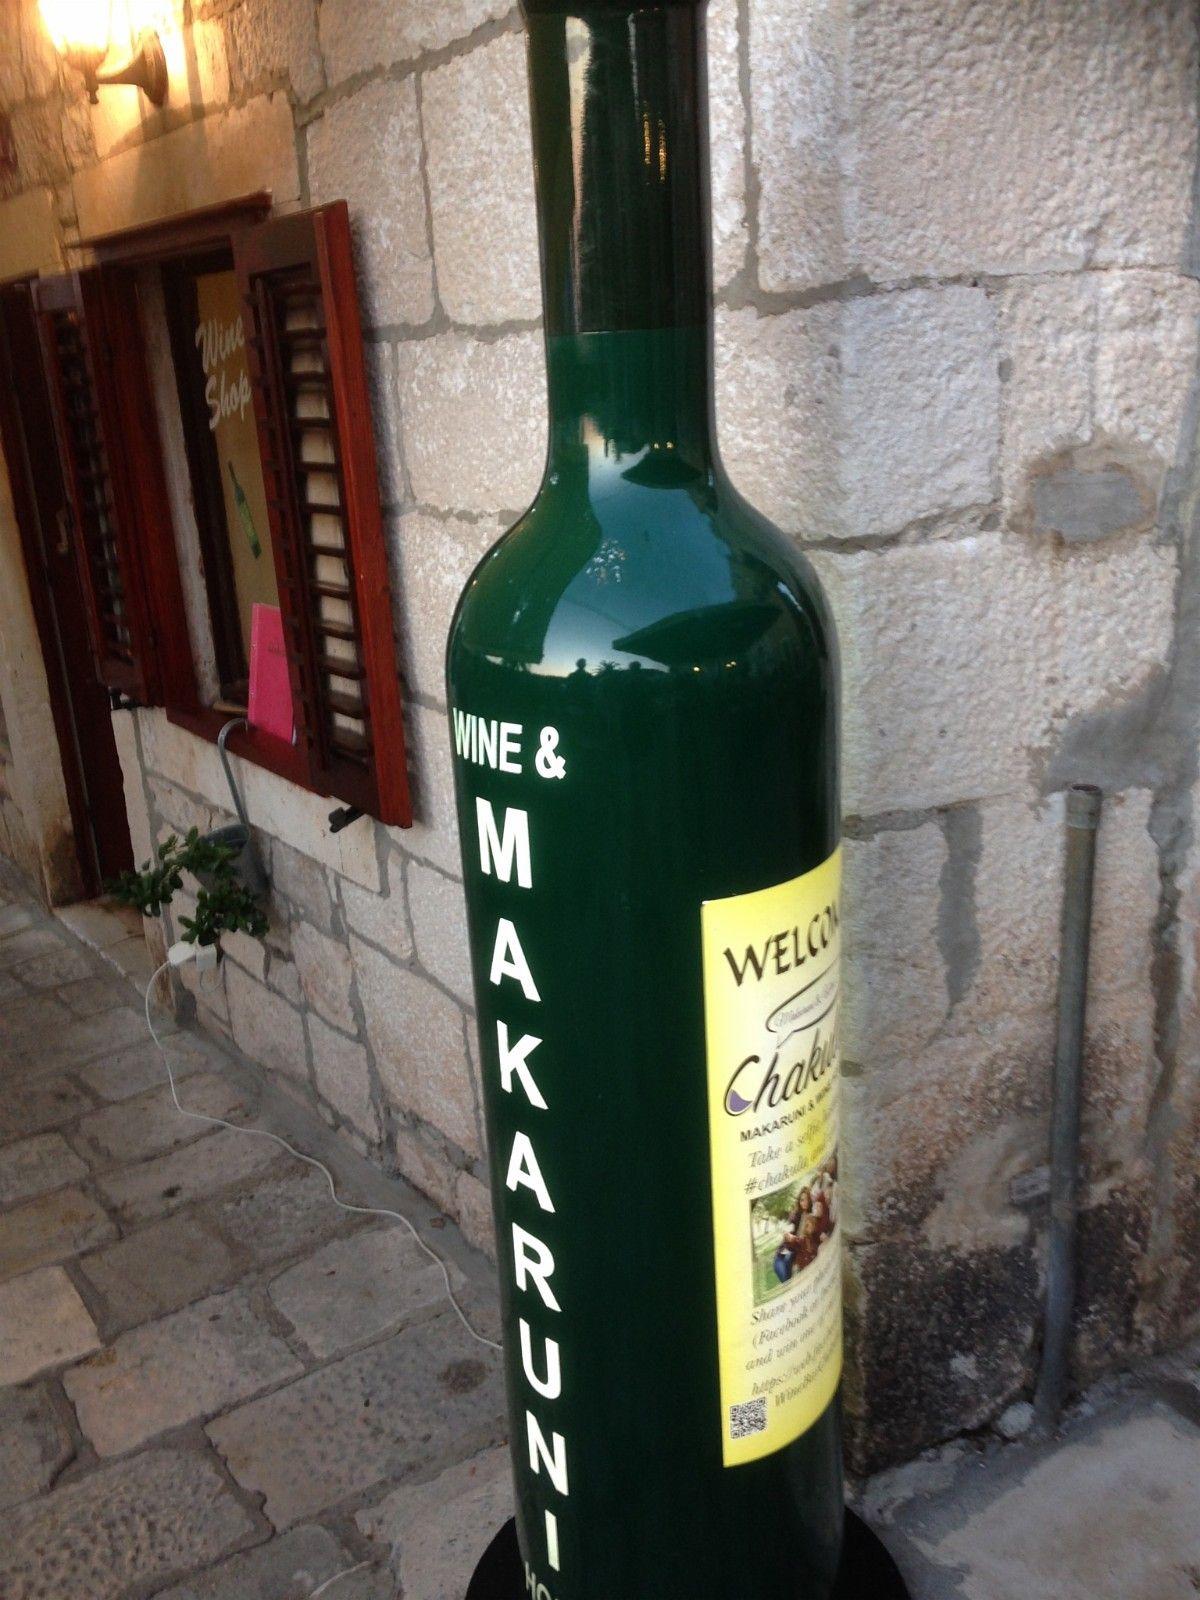 Vinflaske, STOR, kjøpes - Bønes  - Ønsker å kjøpe en stor vinflaske tilsvarende flaskene som ofte står utenfor restauranter nedover i Europa. Med lys i flasken. Høyden på flasken er vanligvis 1.5 - 2 meter. - Bønes